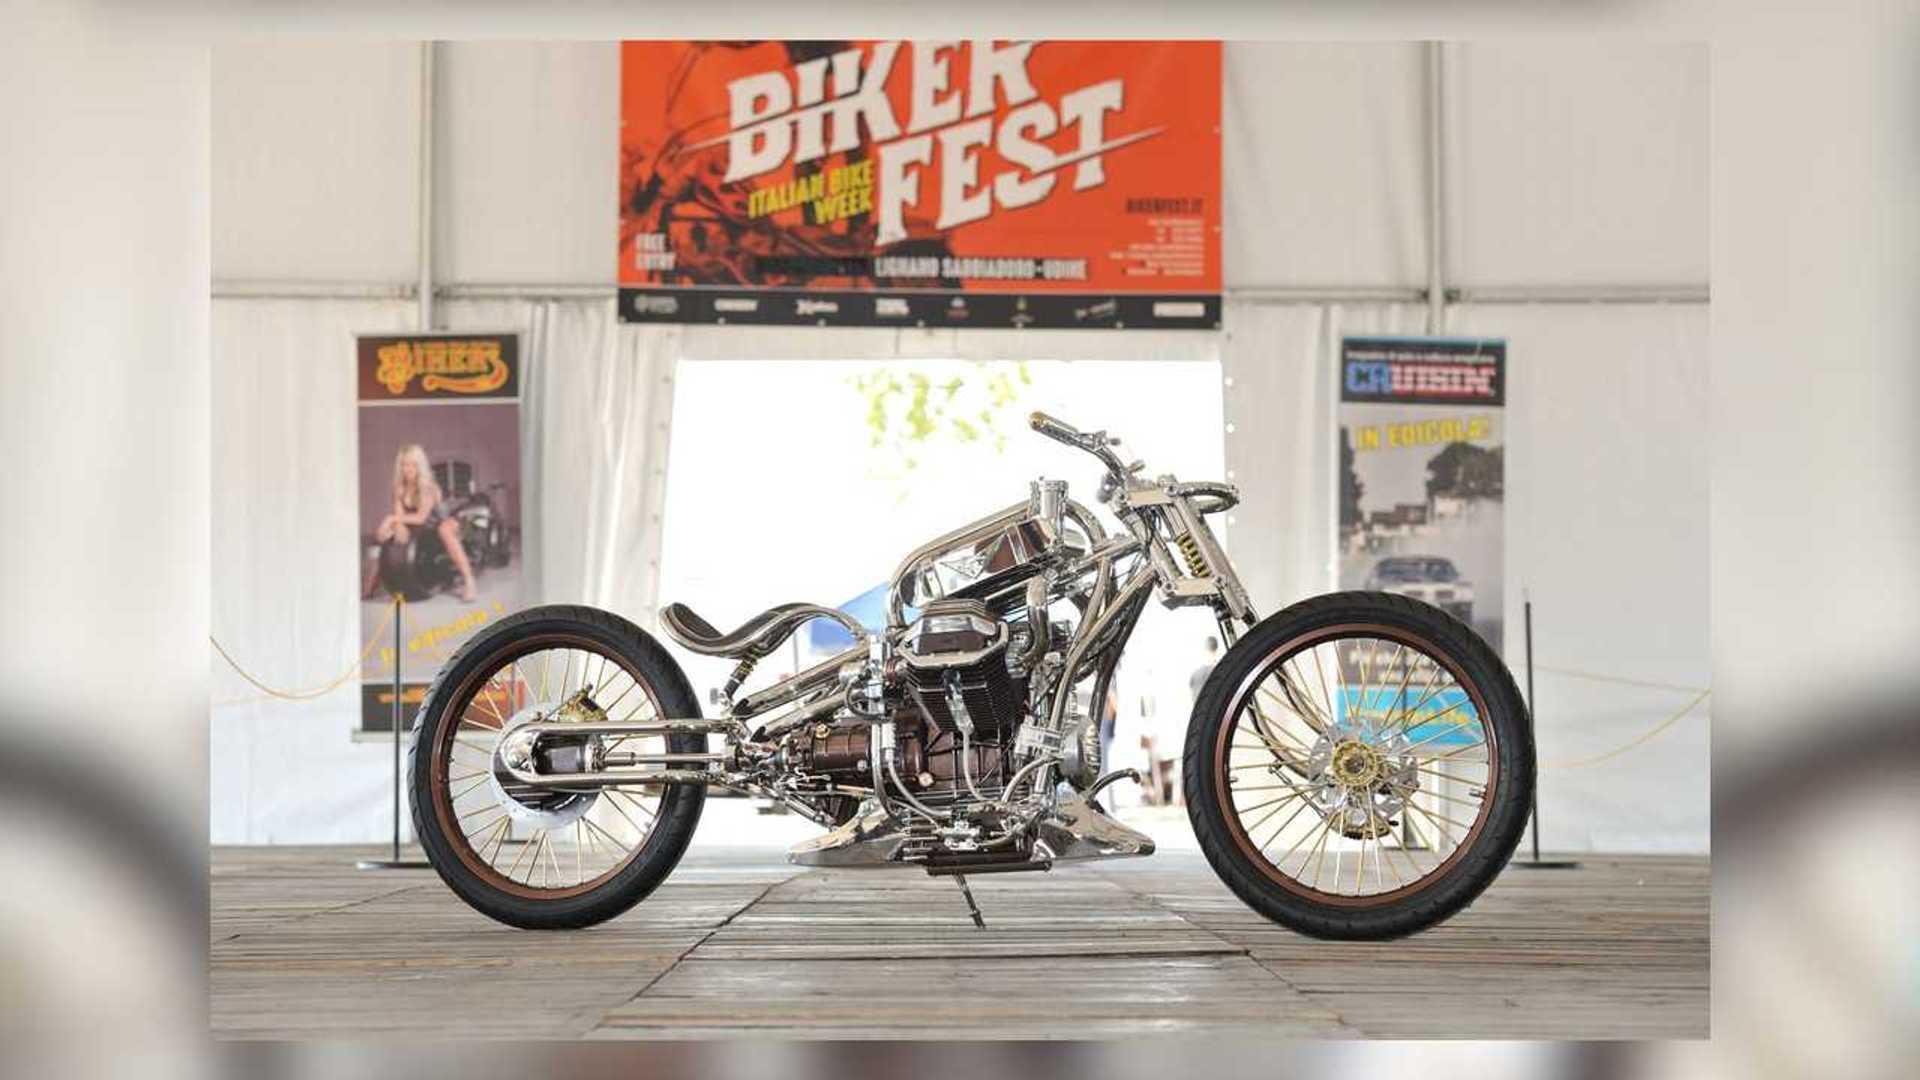 2021 Biker Fest International Marks 35 Years Of Sweet Italian Customs